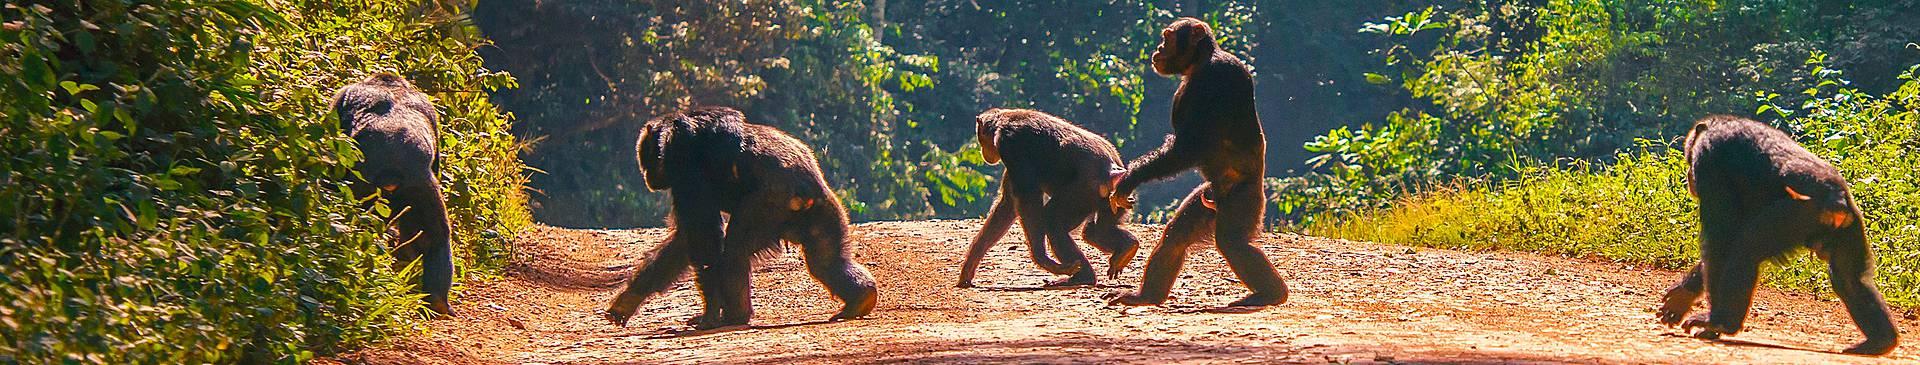 Safari Reisen Uganda